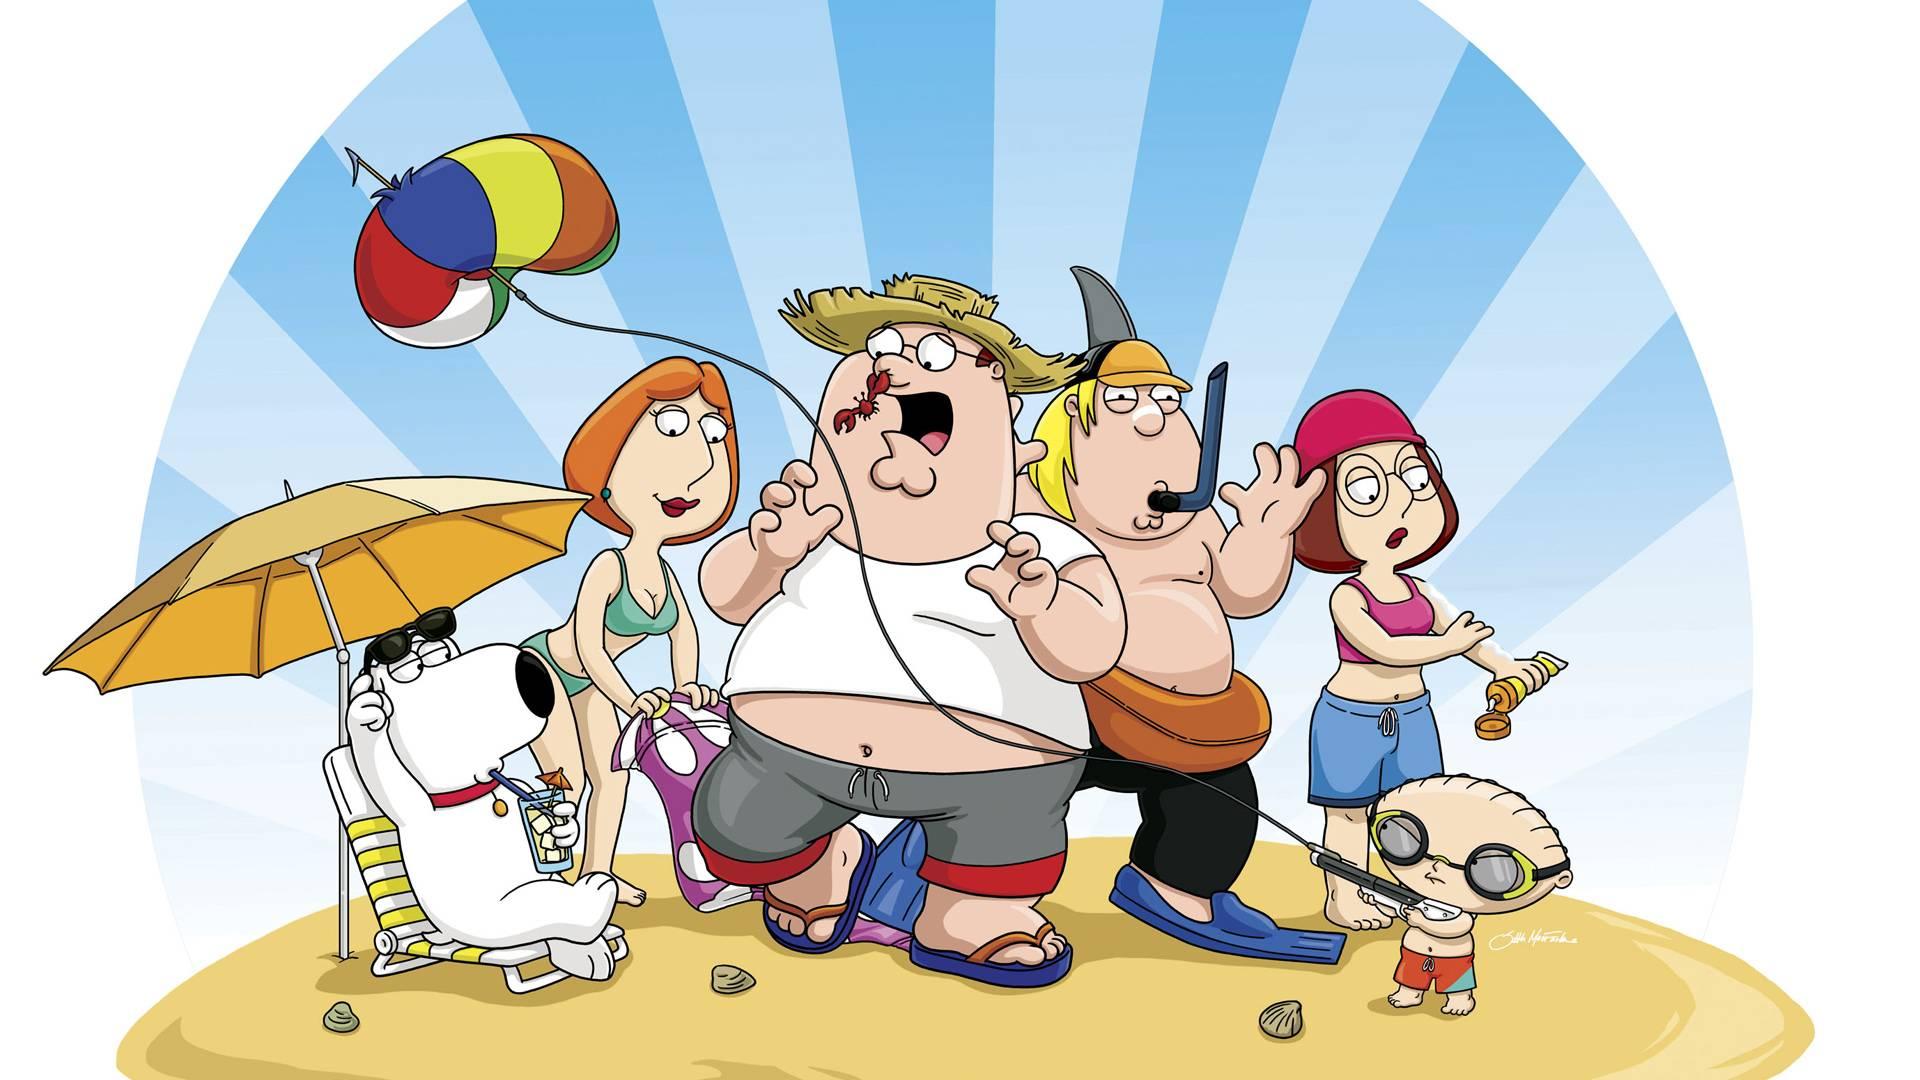 Family Guy   Family Guy Wallpaper 1920x1080